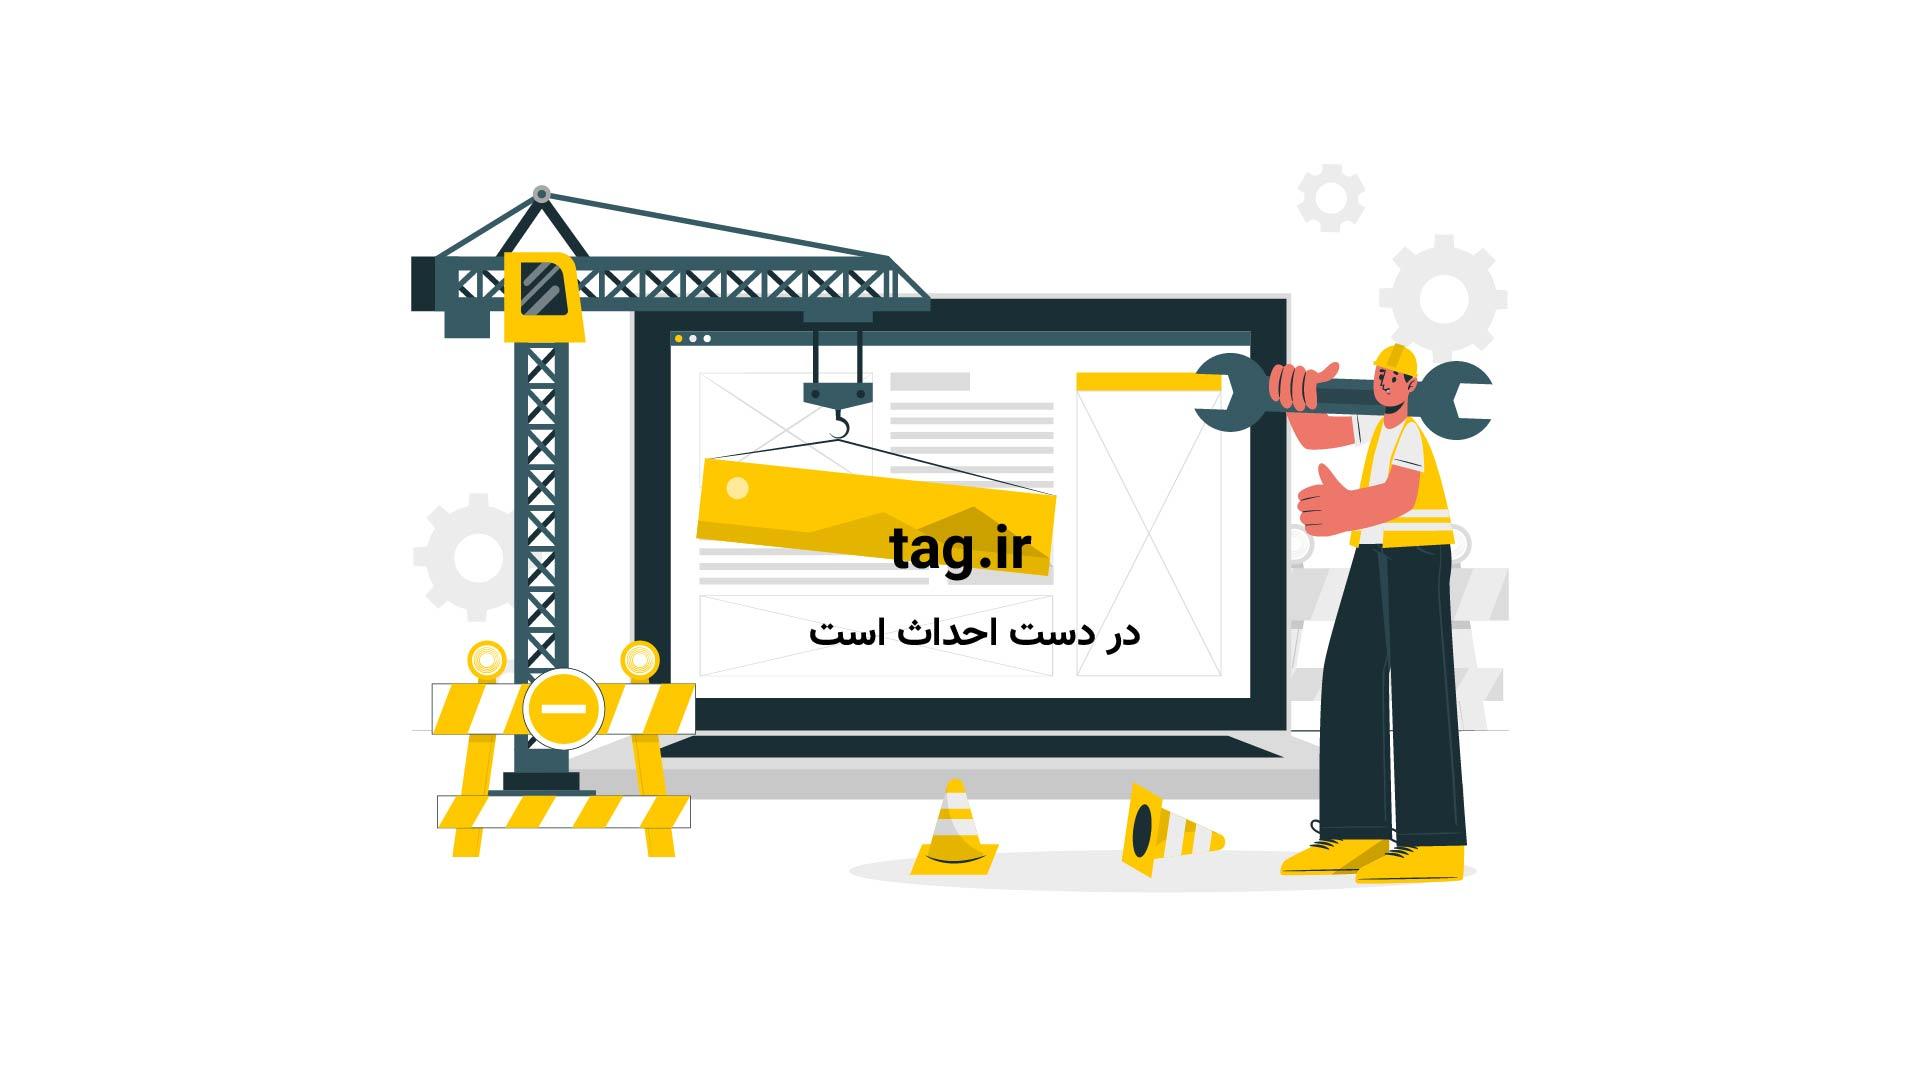 آبشار پیشندگان | تگ